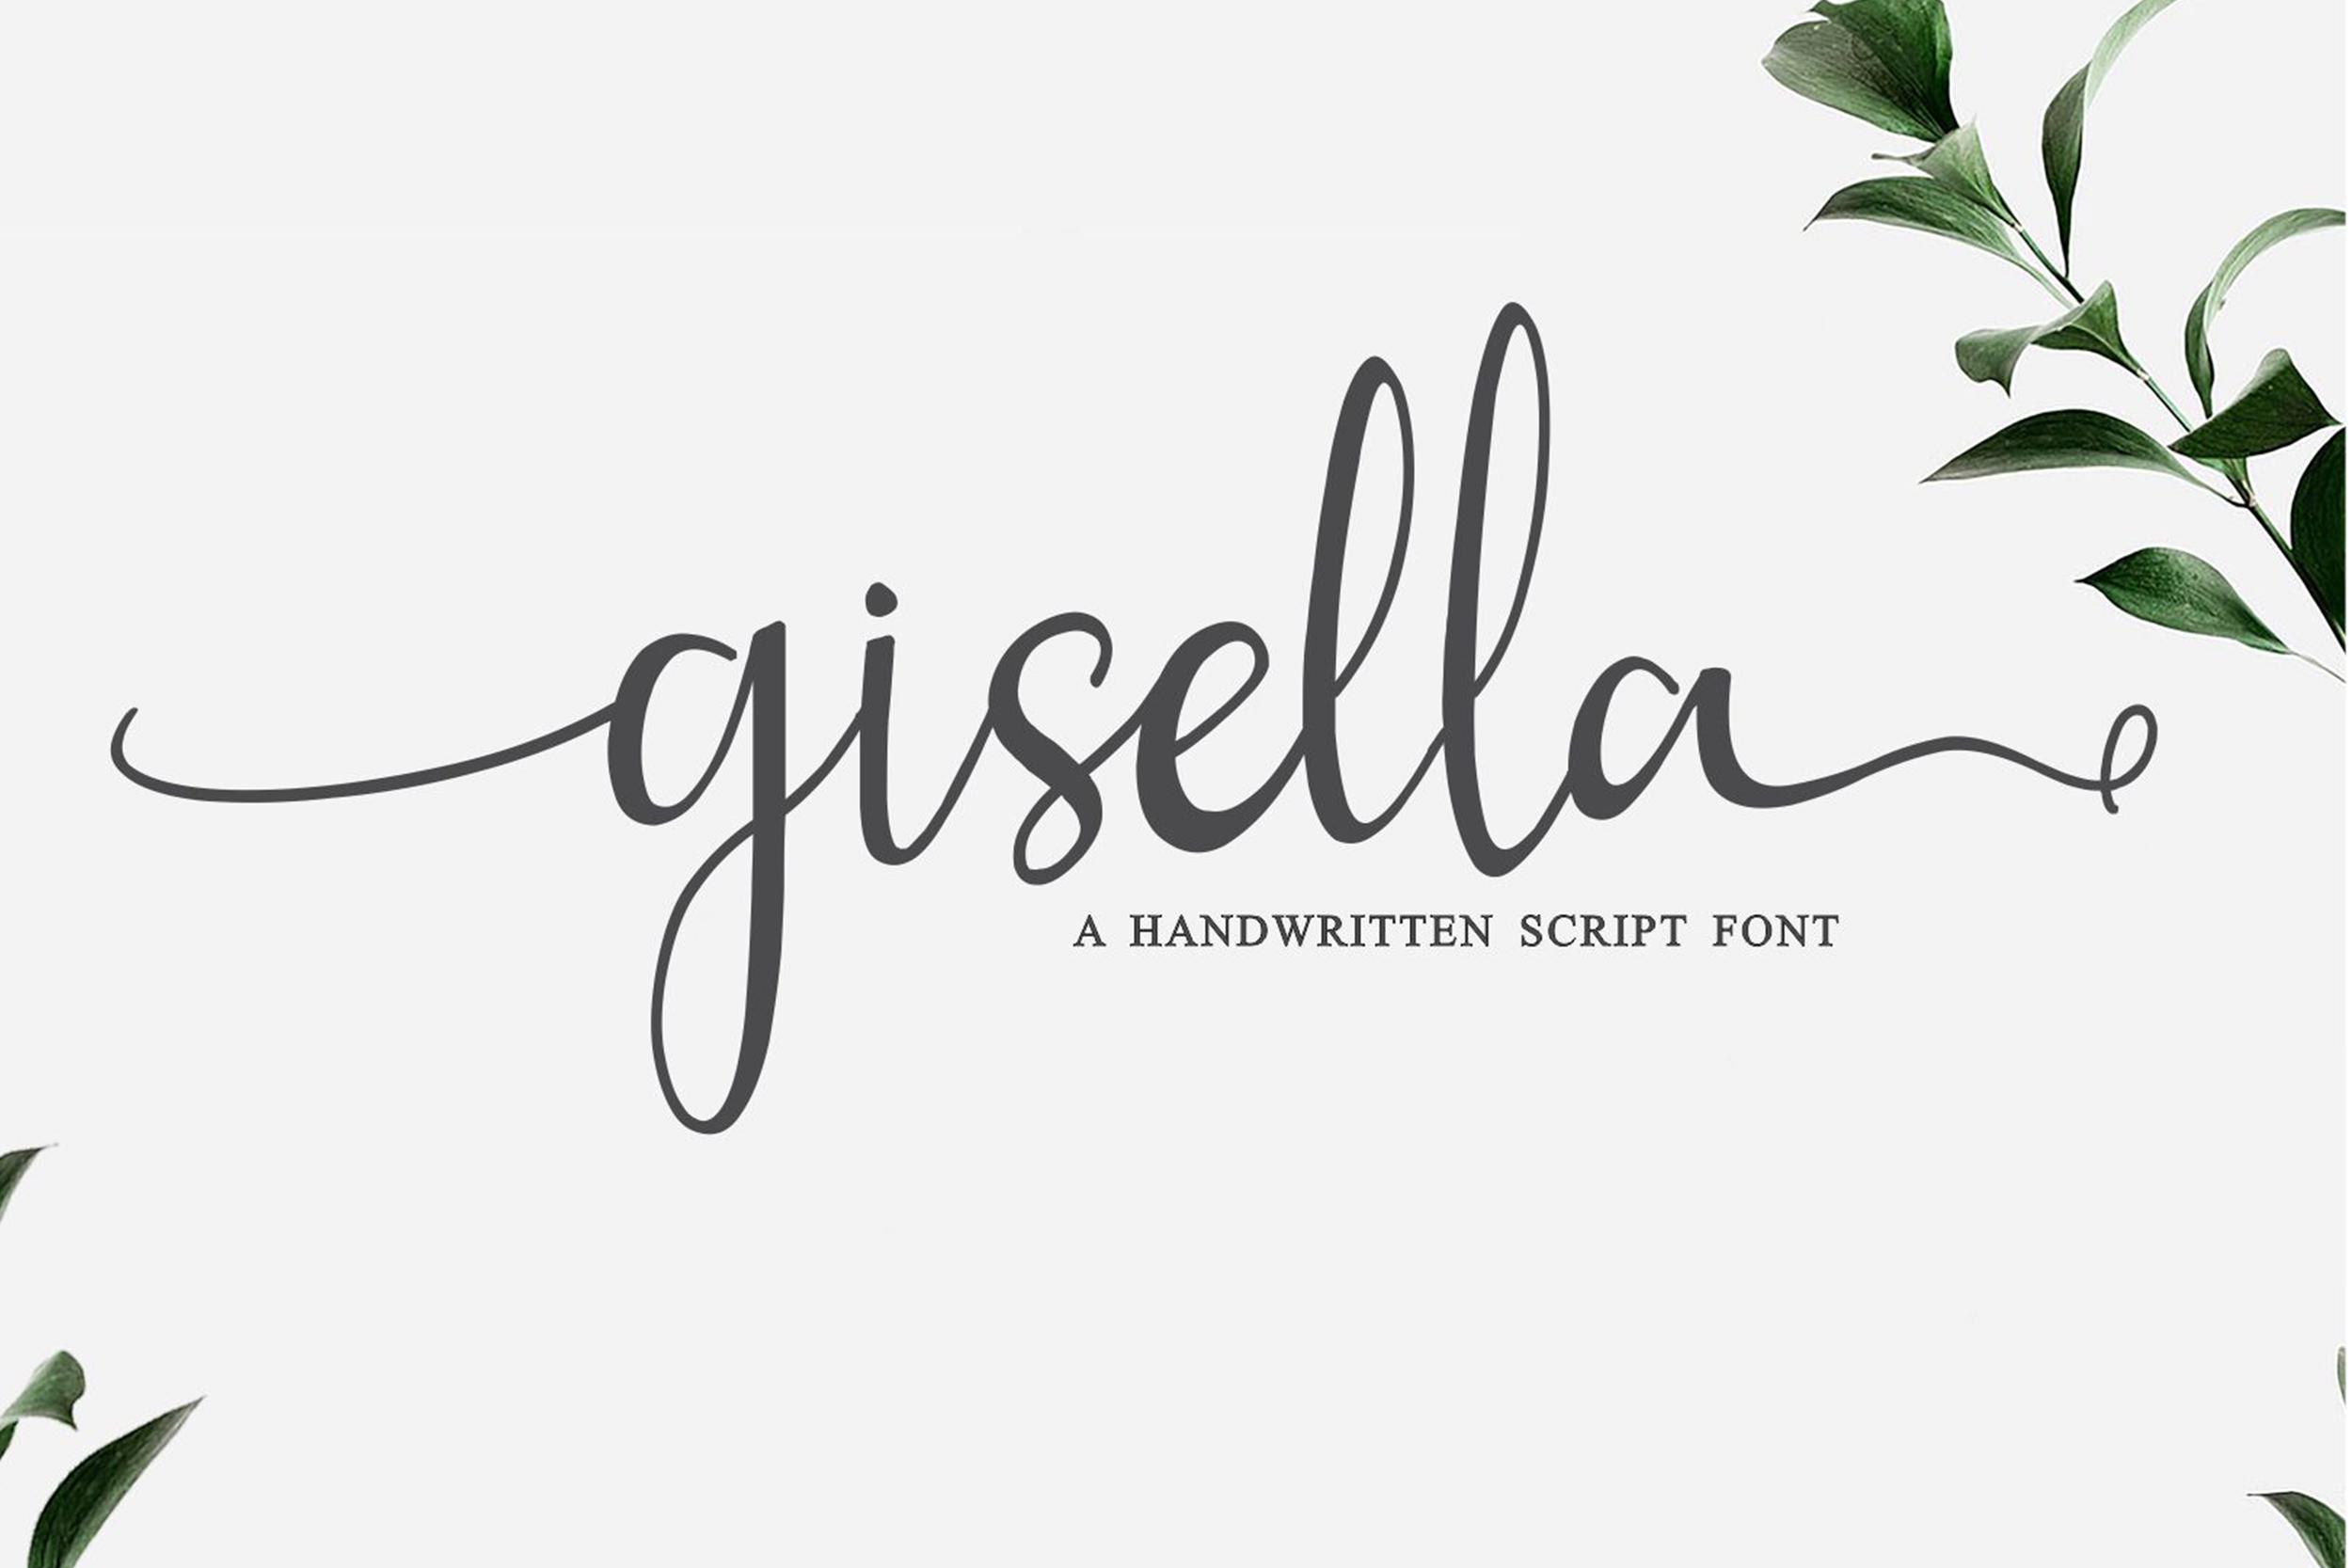 Gisella Font example image 1